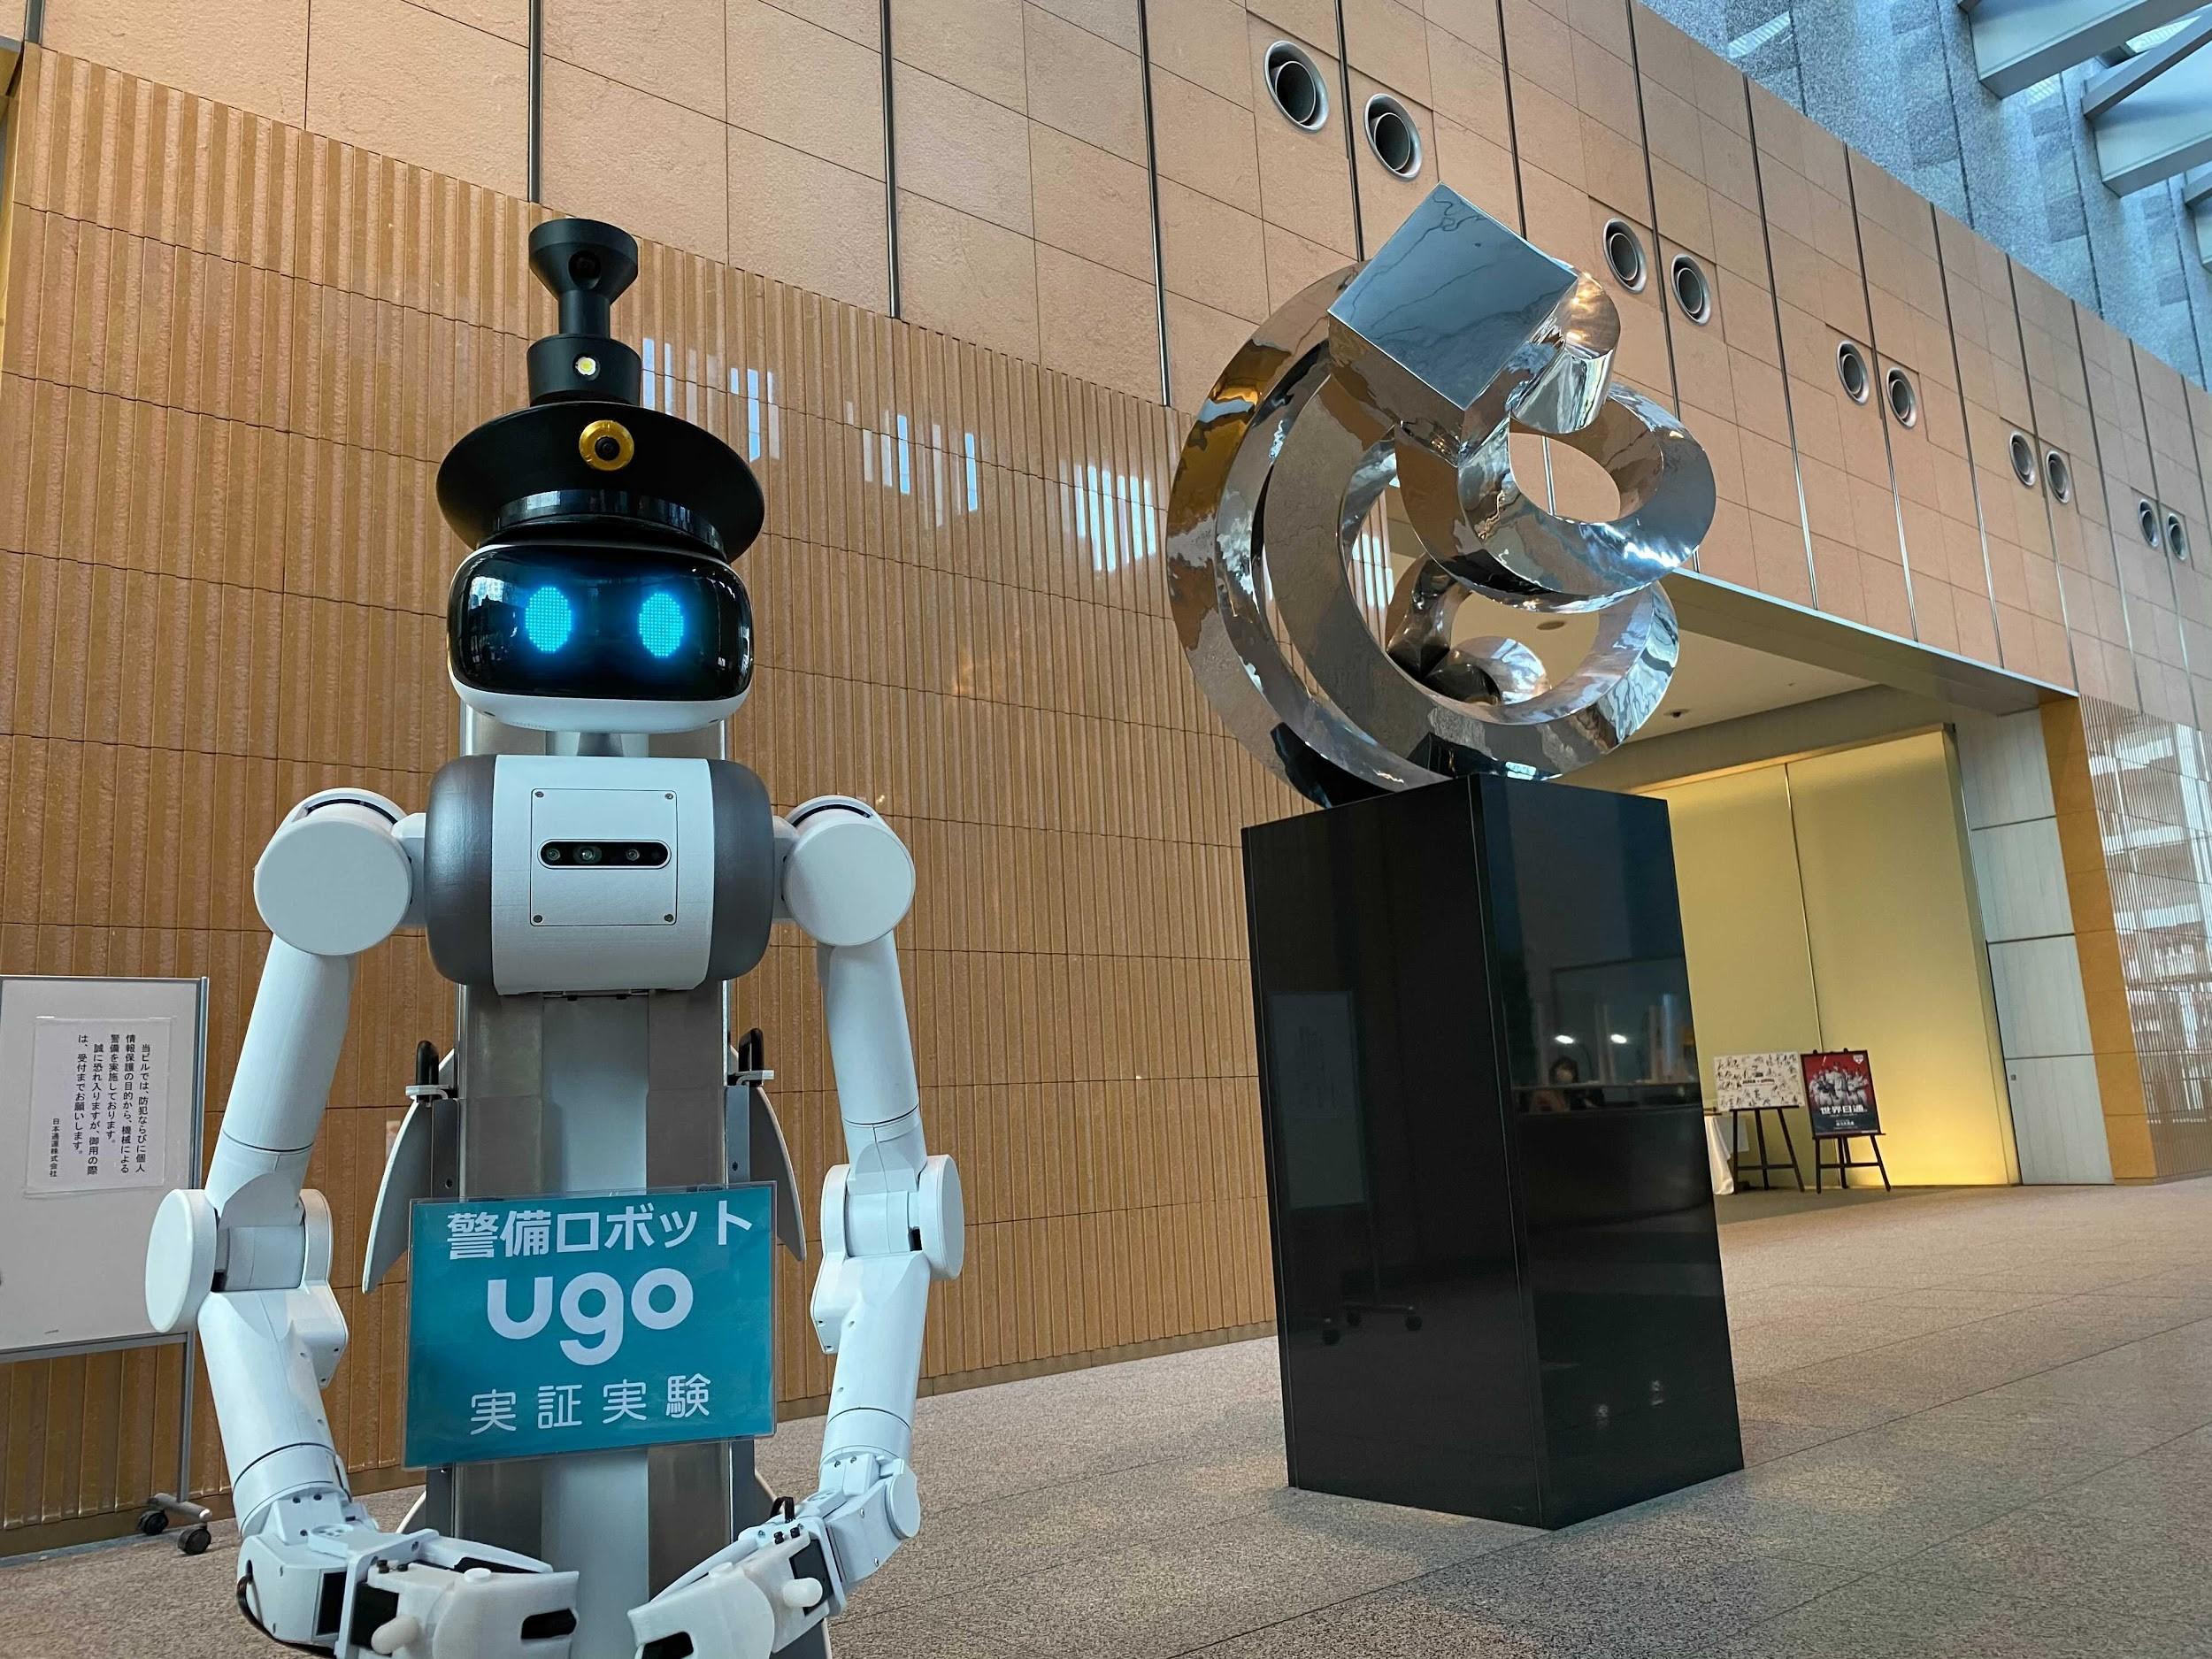 警備アバターロボットugo TS-P、日通本社ビルで実証実験を実施完了